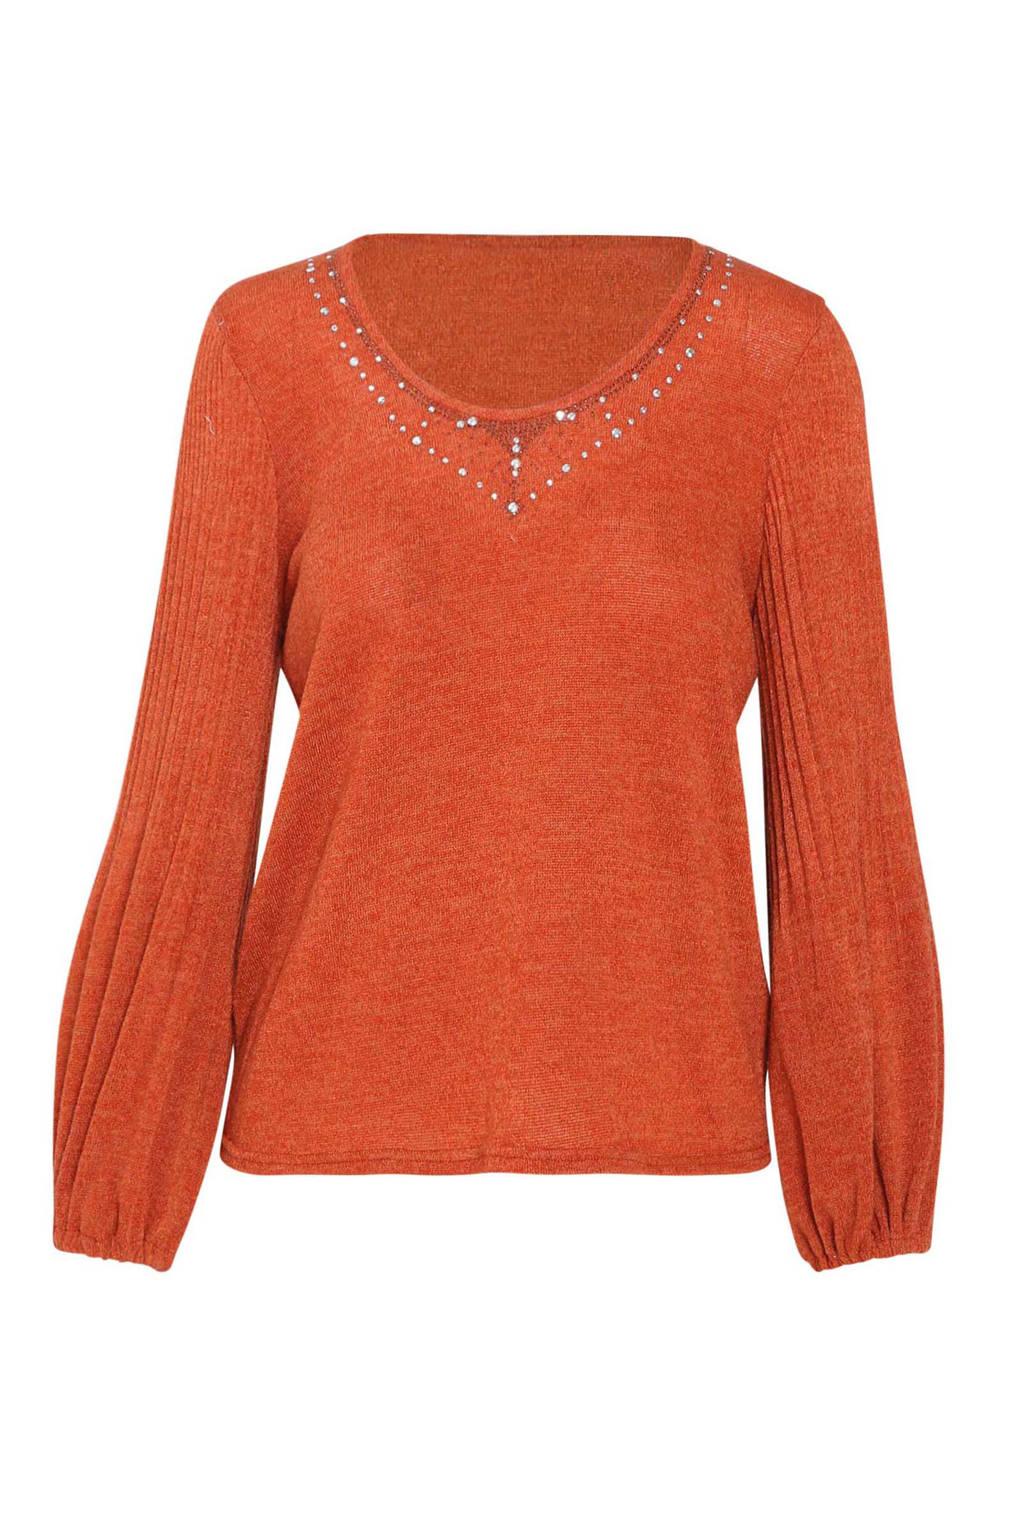 Cassis trui met glitters oranje, Oranje